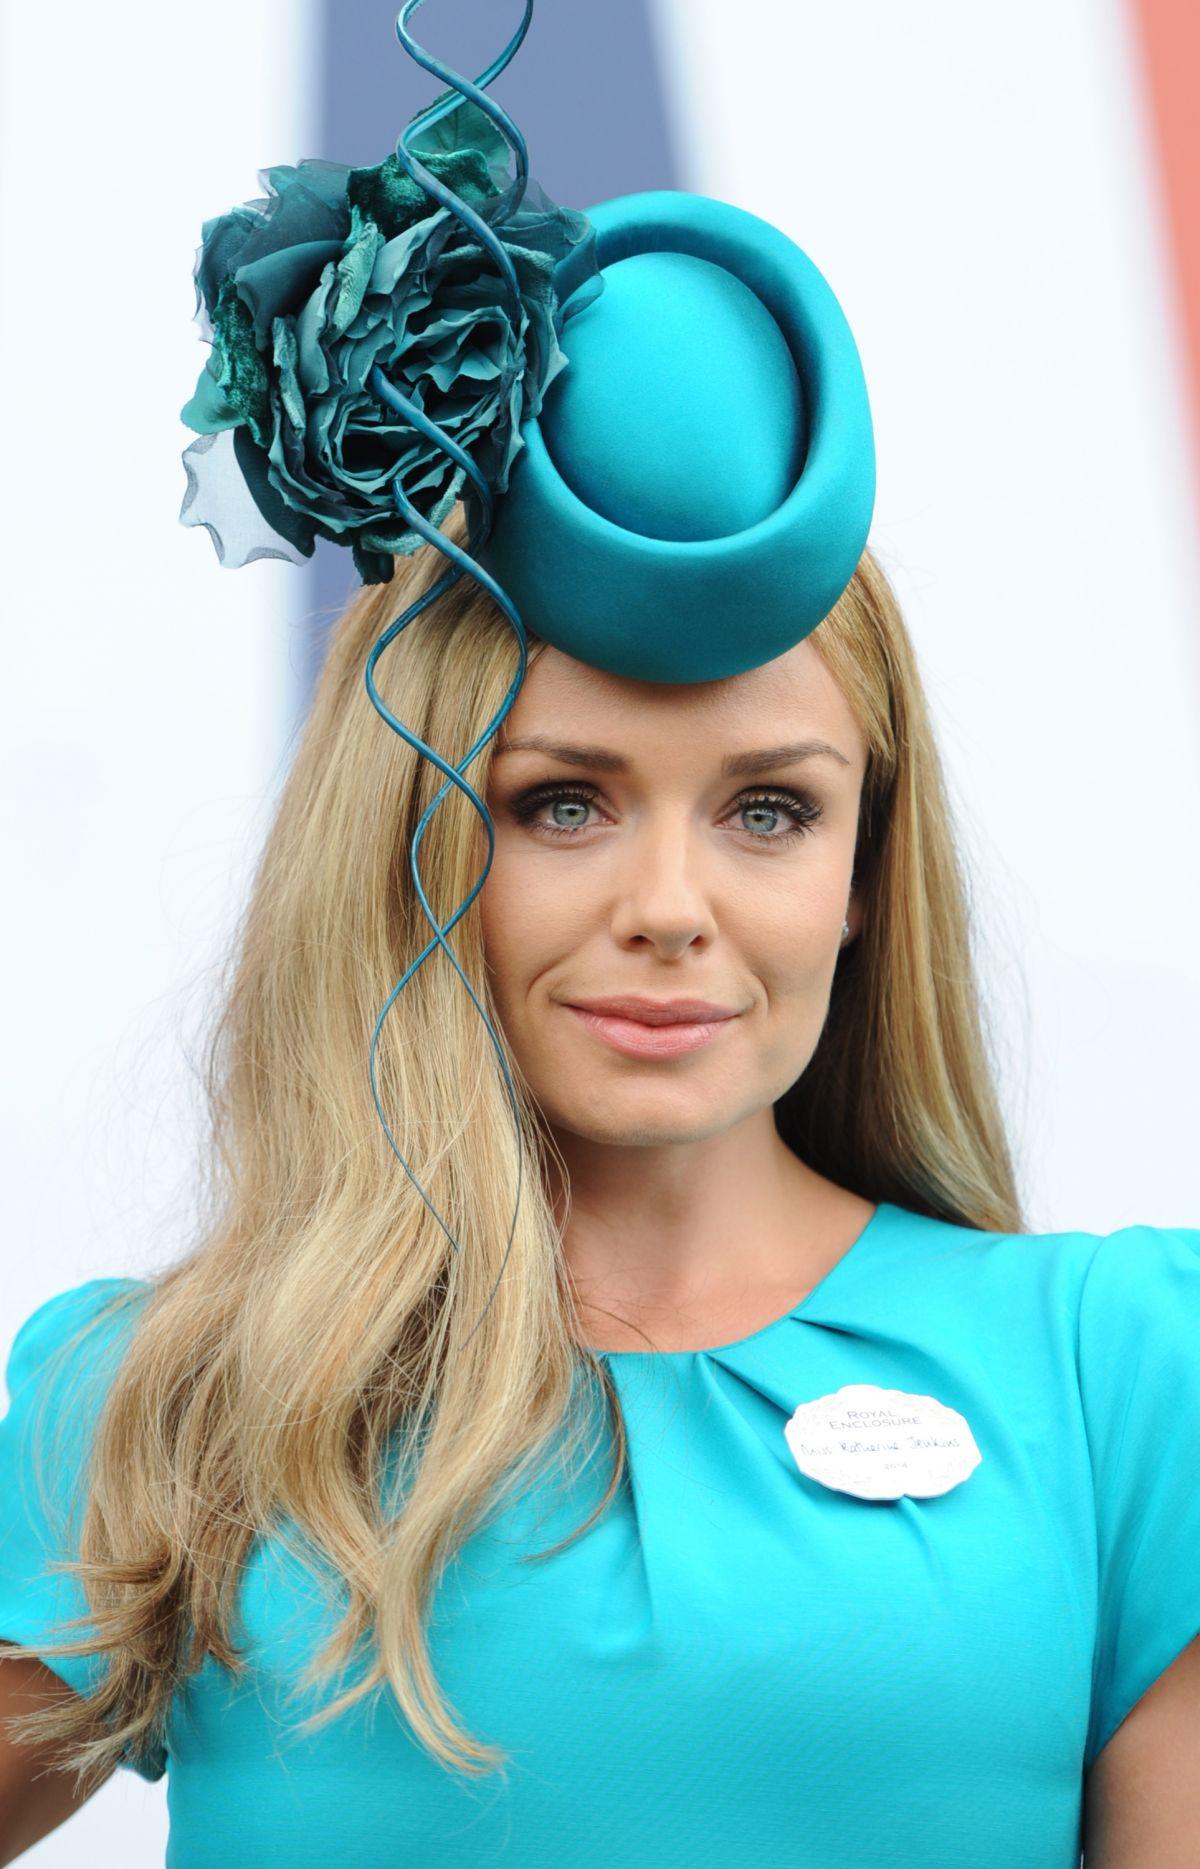 KATHERINE JENKINS at Royal Ascot Races  HawtCelebs  HawtCelebs